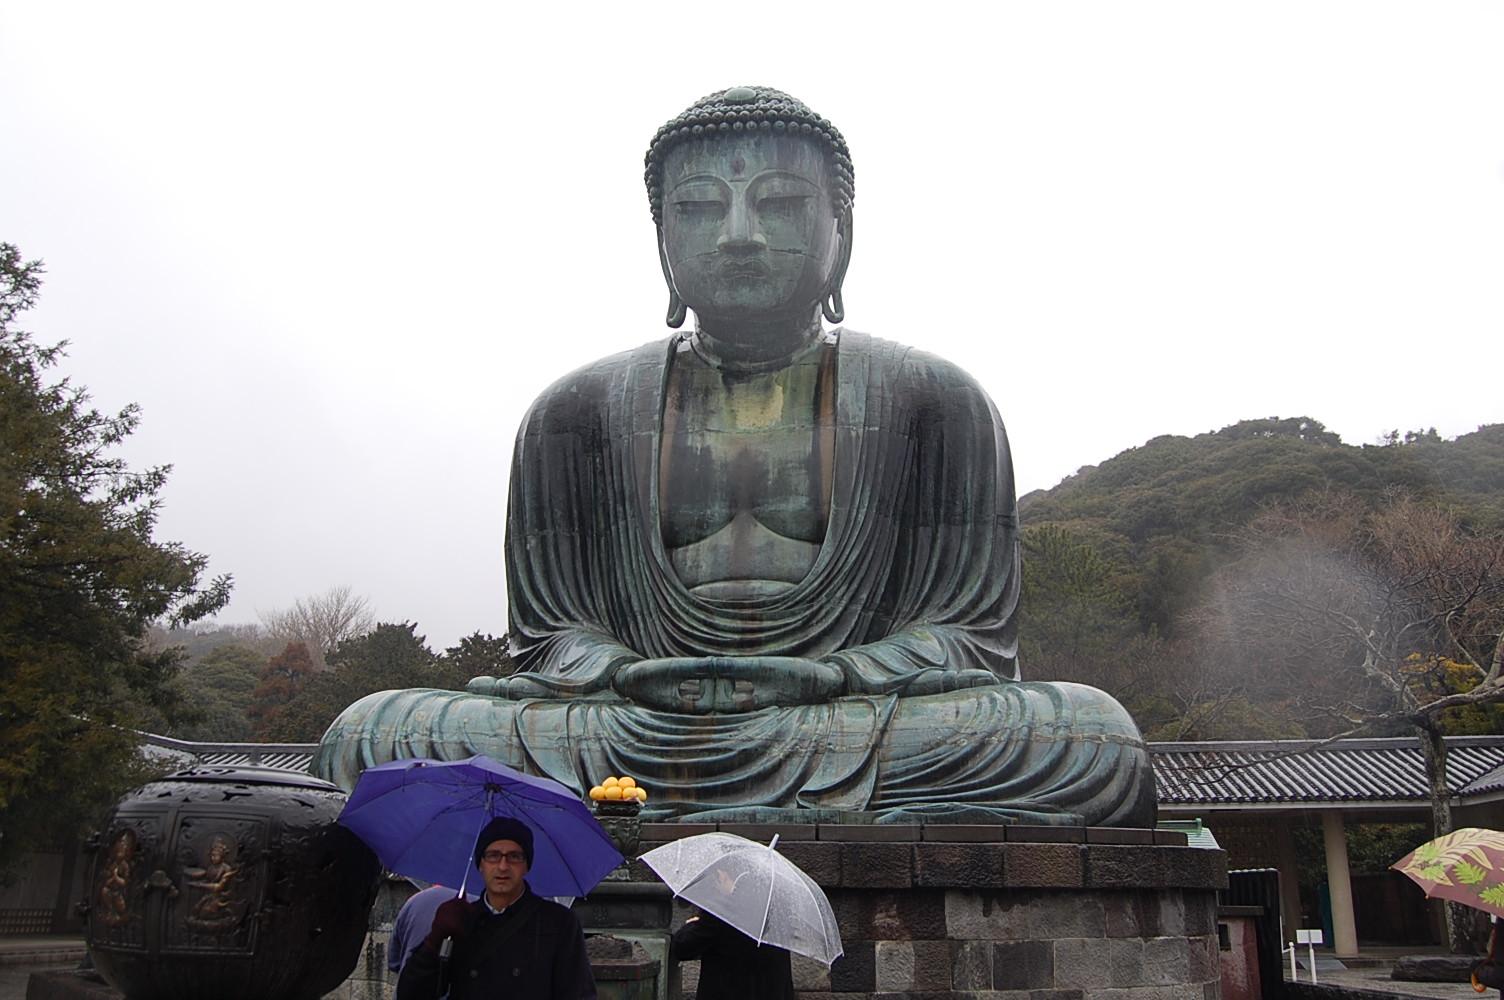 シチリア人日本滞在記 鎌倉・横浜 バゥ_d0084229_2132475.jpg